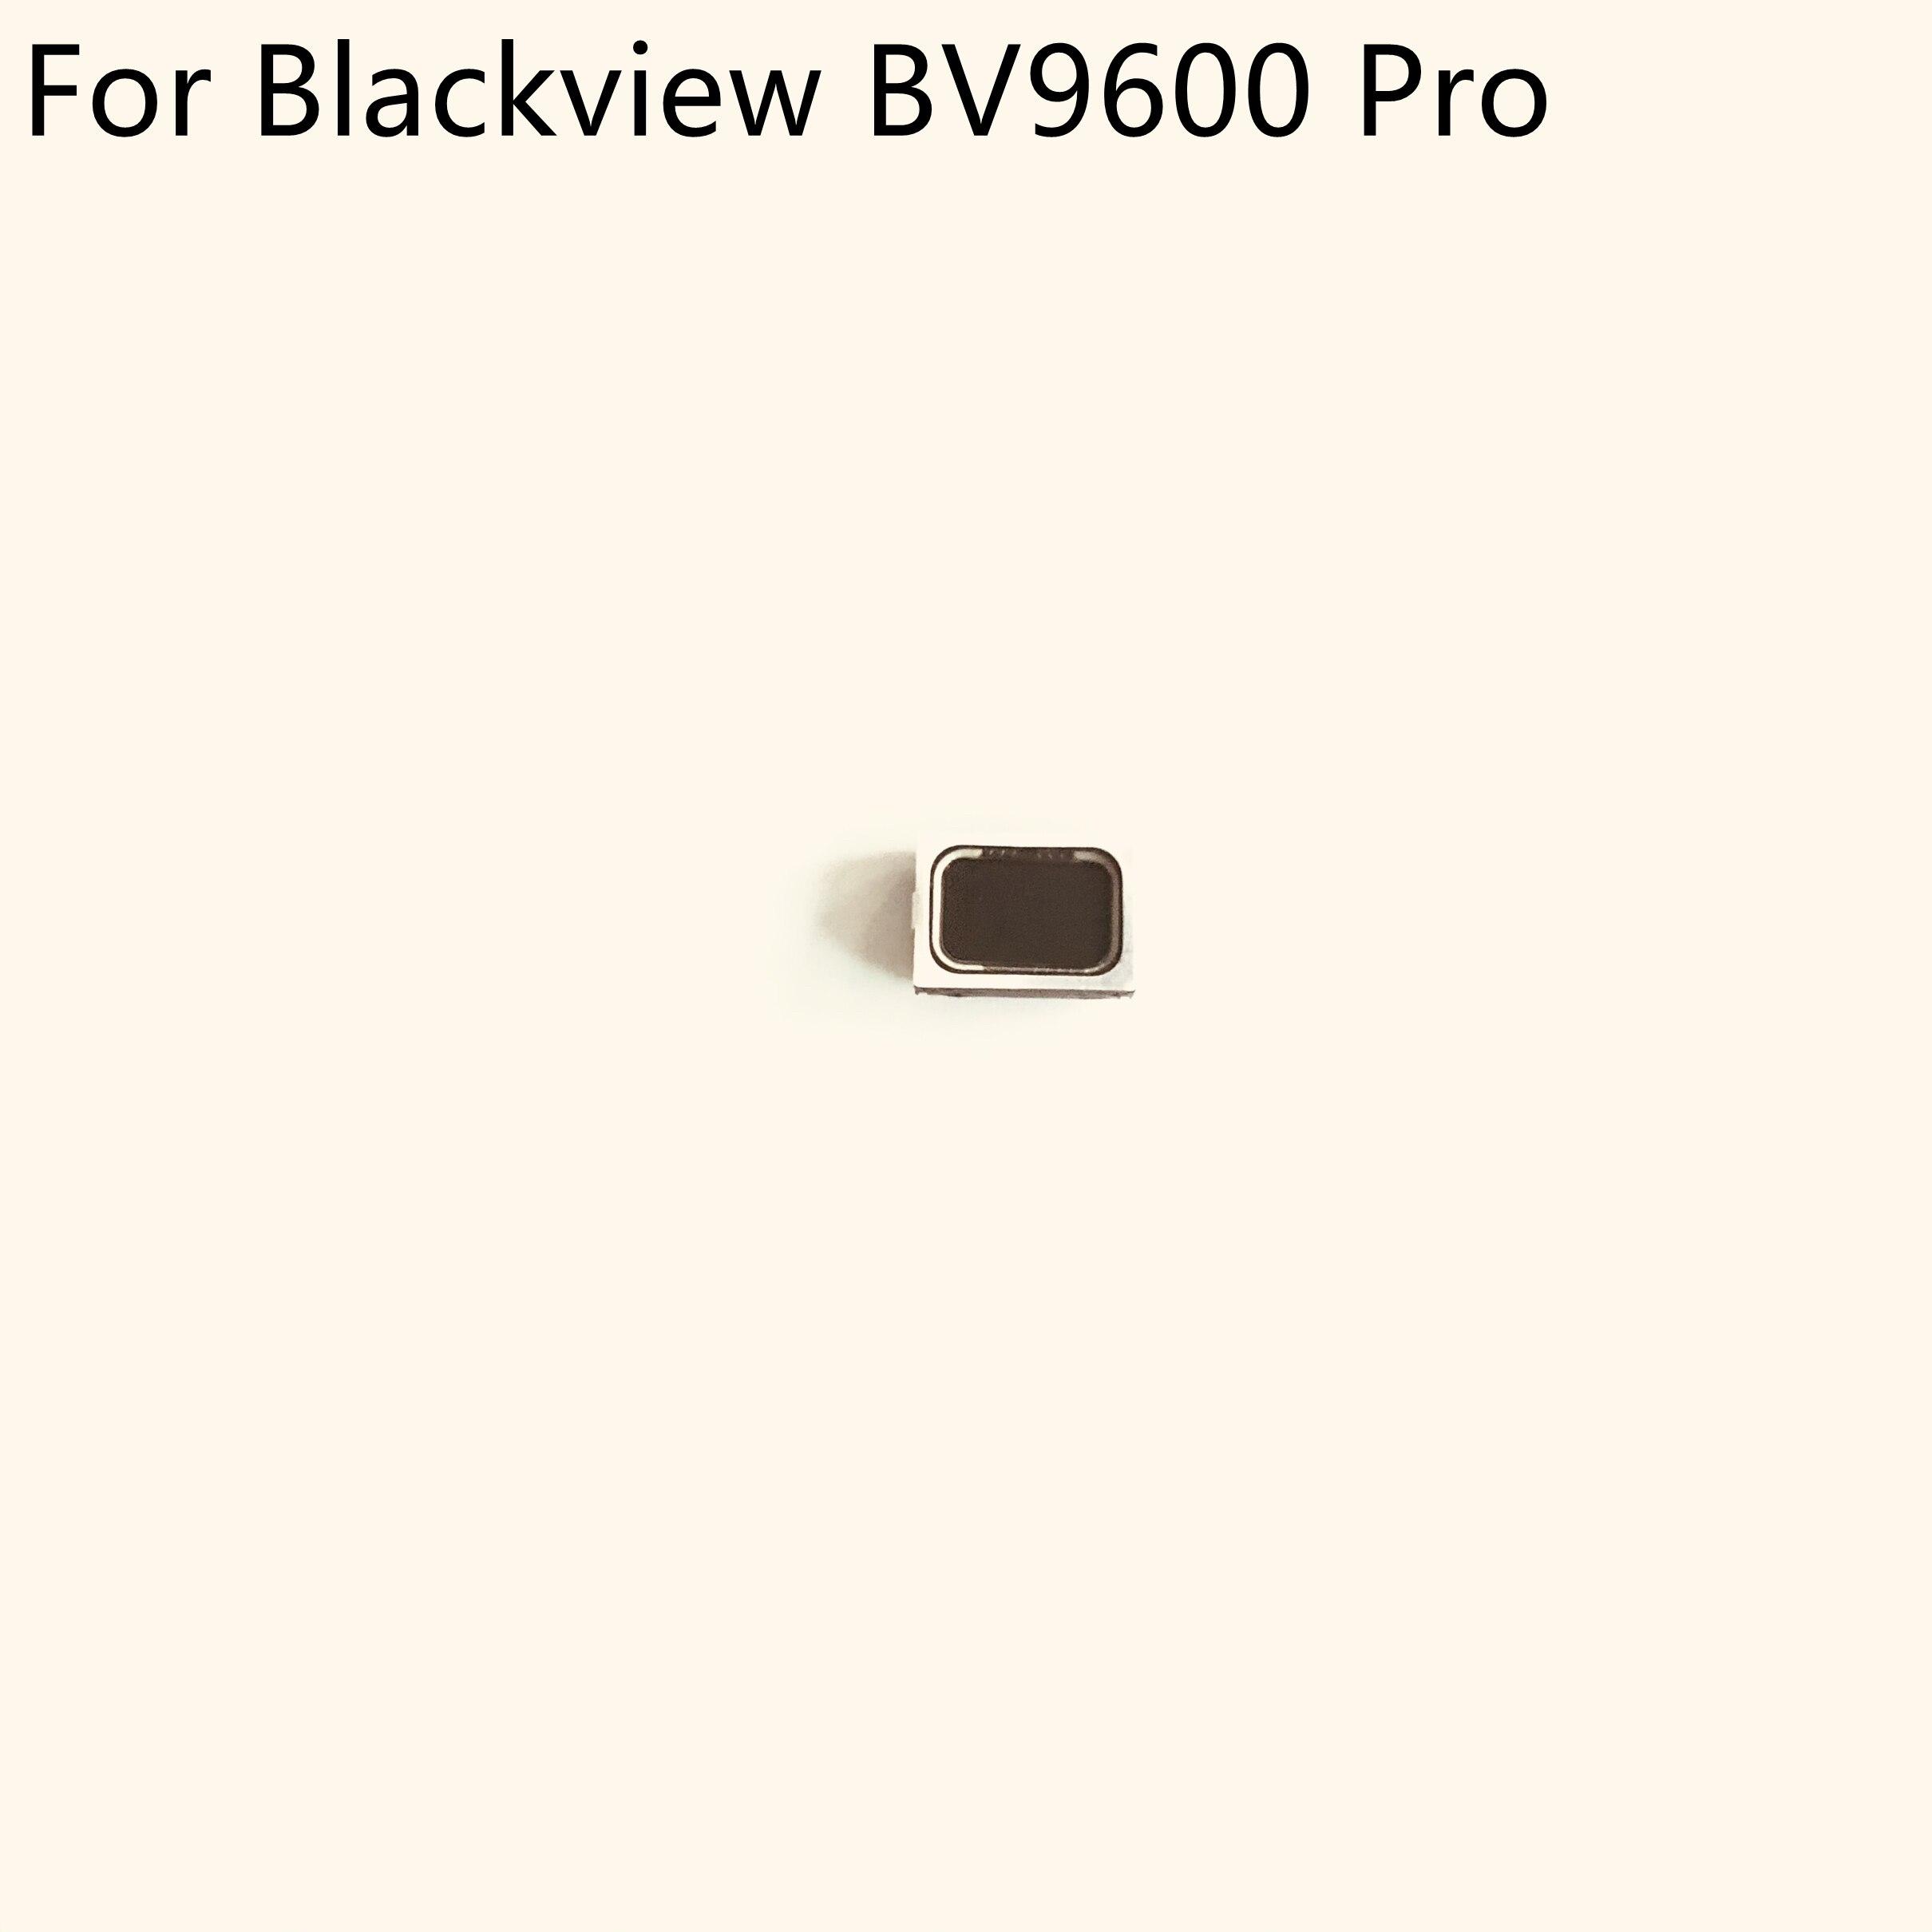 """Original Neue Lautsprecher Buzzer Ringer Für Blackview BV9600 Pro MT6771 Octa Core 6.21 """"2248x1080 Smartphone + tracking Nummer"""